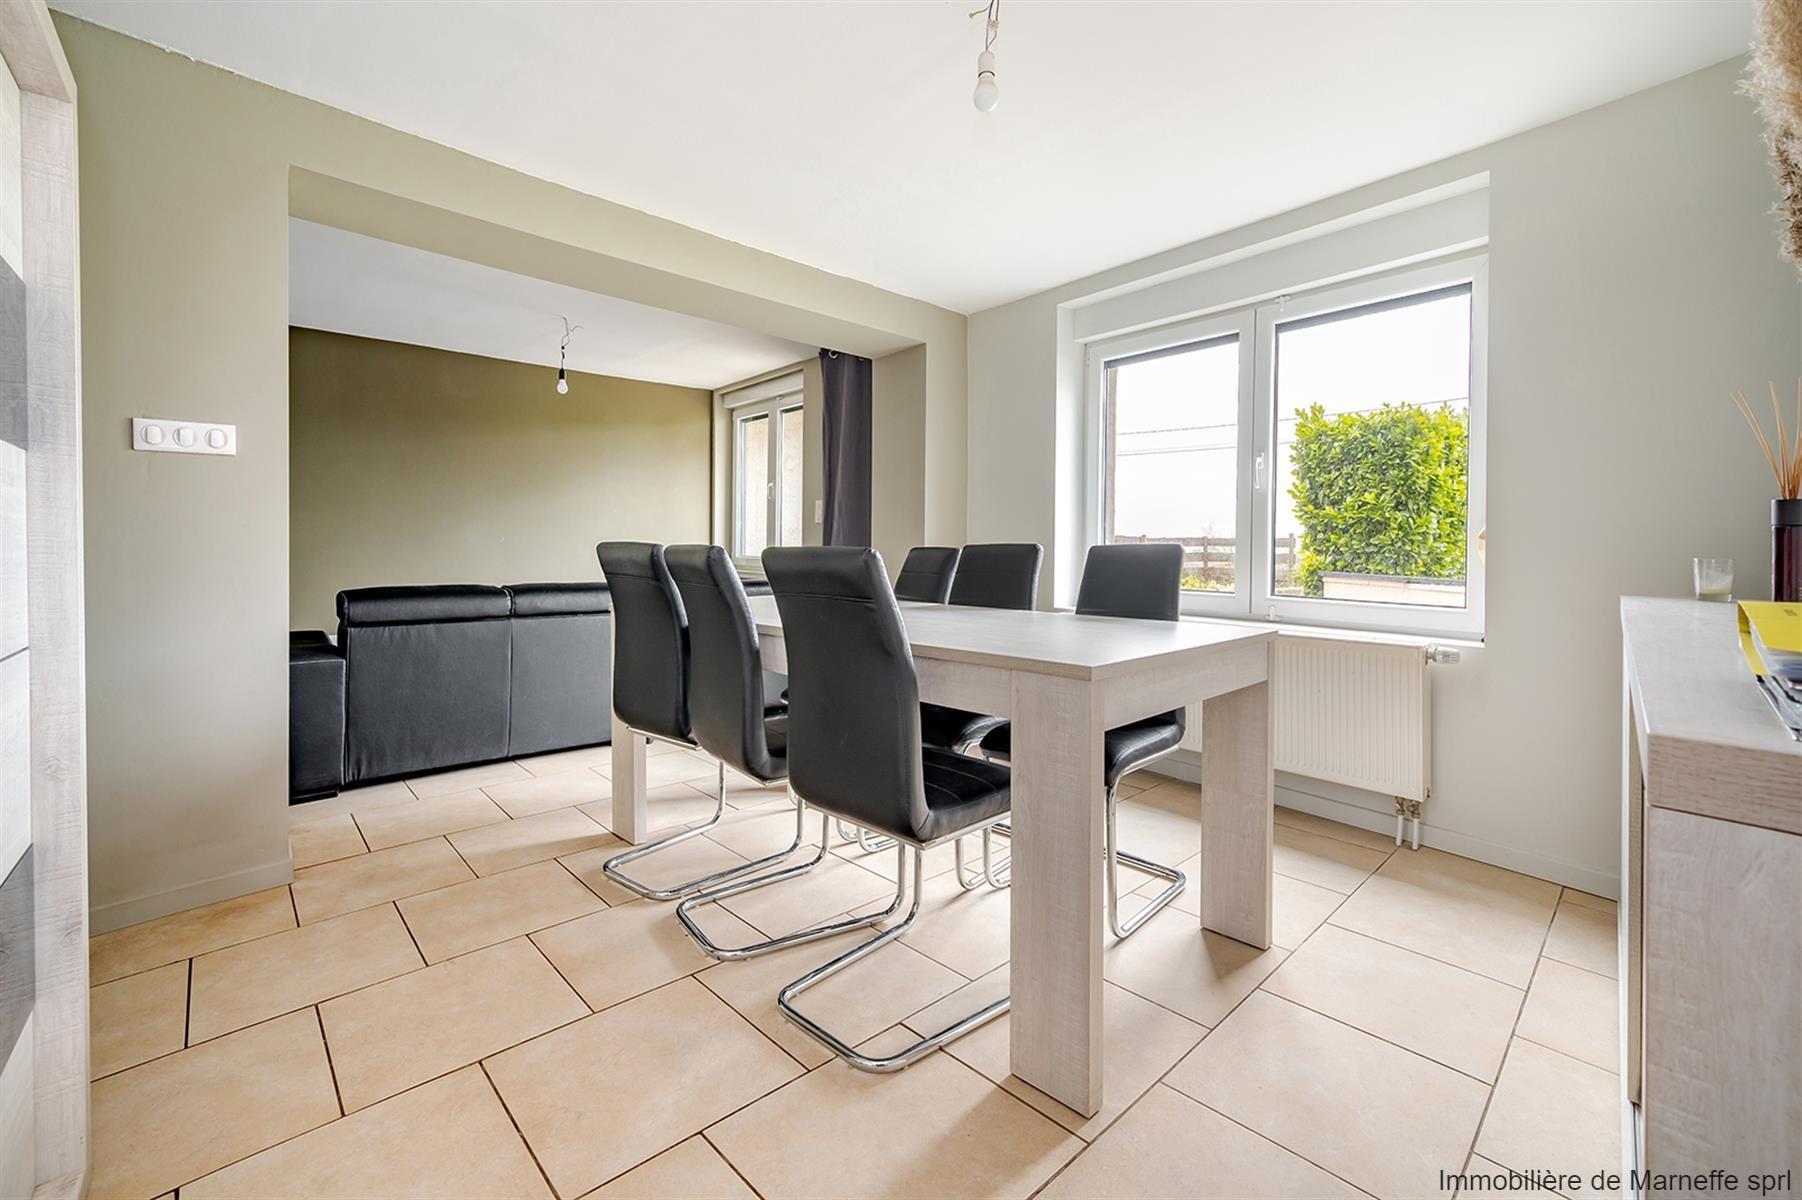 Maison - Villers-le-Bouillet - #4266777-2